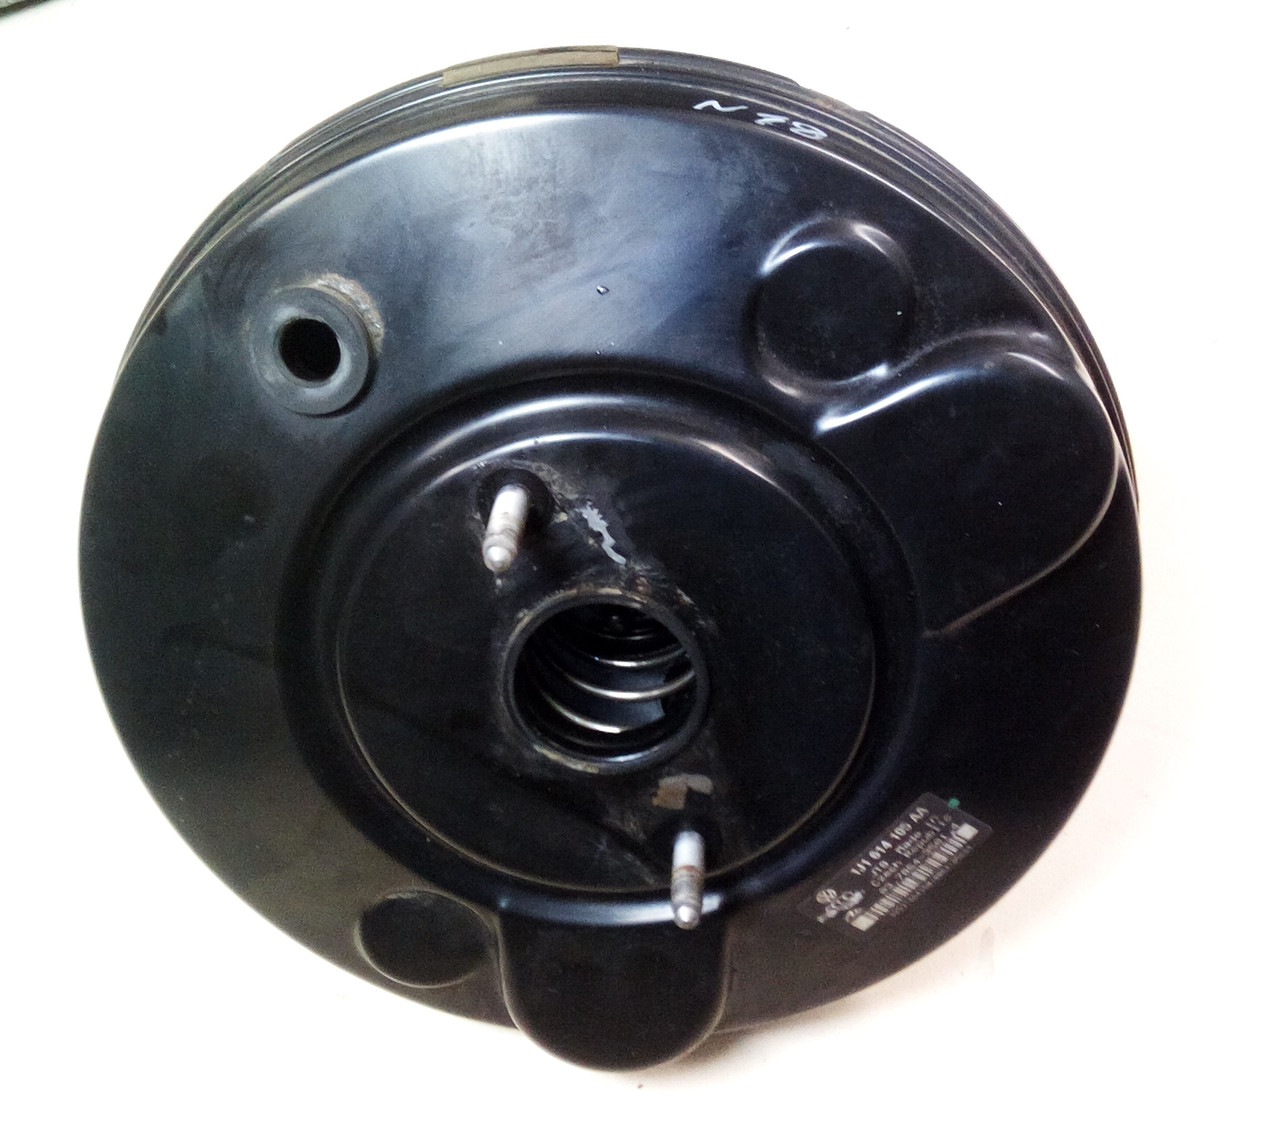 Усилитель тормозного привода, вакуум тормозной   1J1 614 105 AA